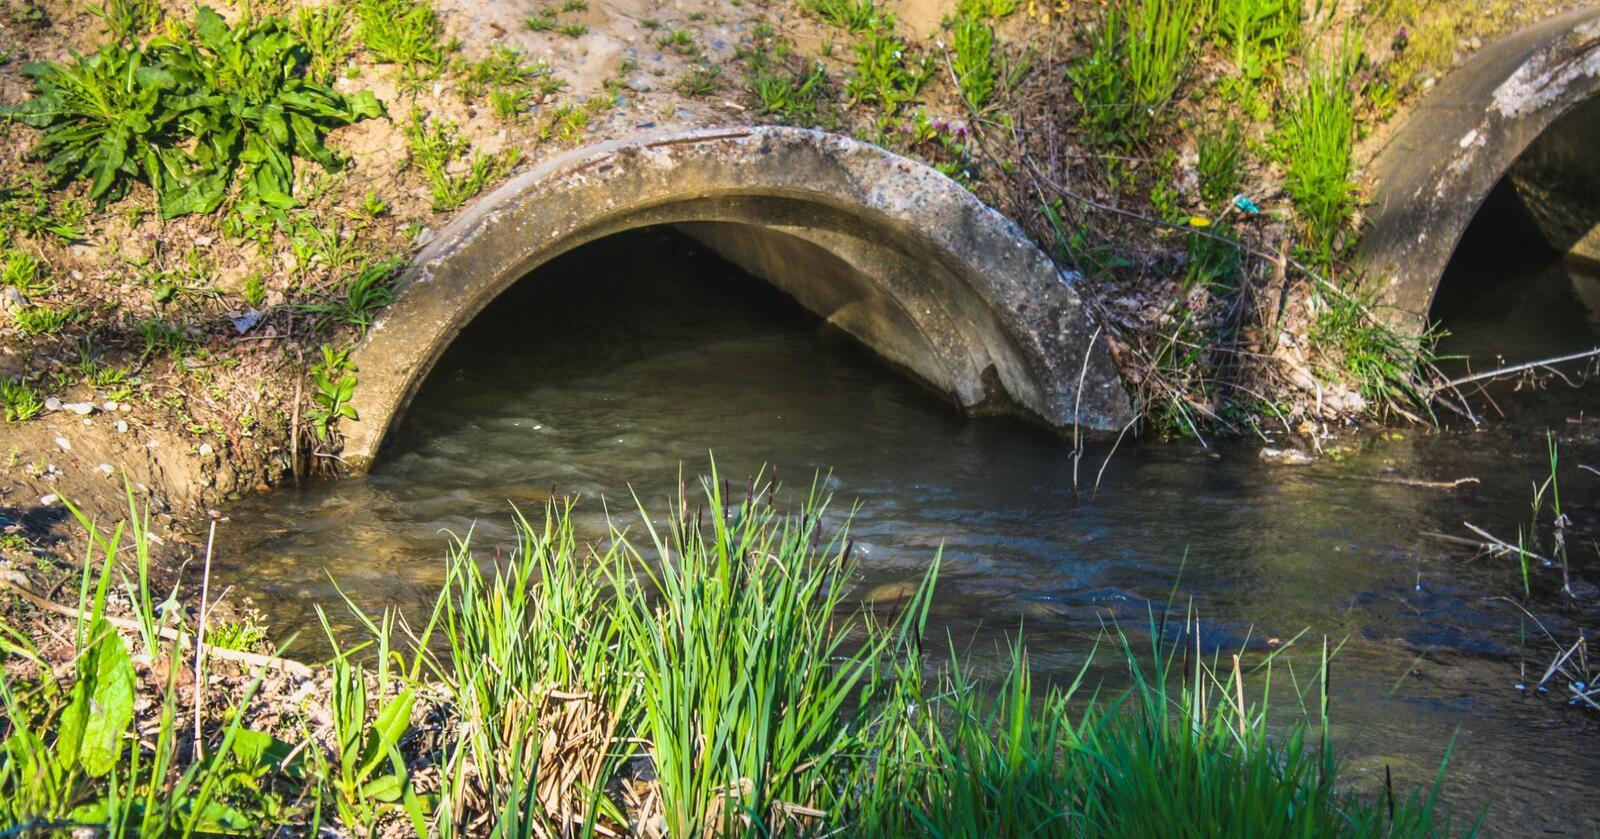 Krever søknad: Siden 1990-tallet har lukking vært søknadspliktig, og man har i stor grad sluttet å legge bekker under jord. Foto: Mostphotos